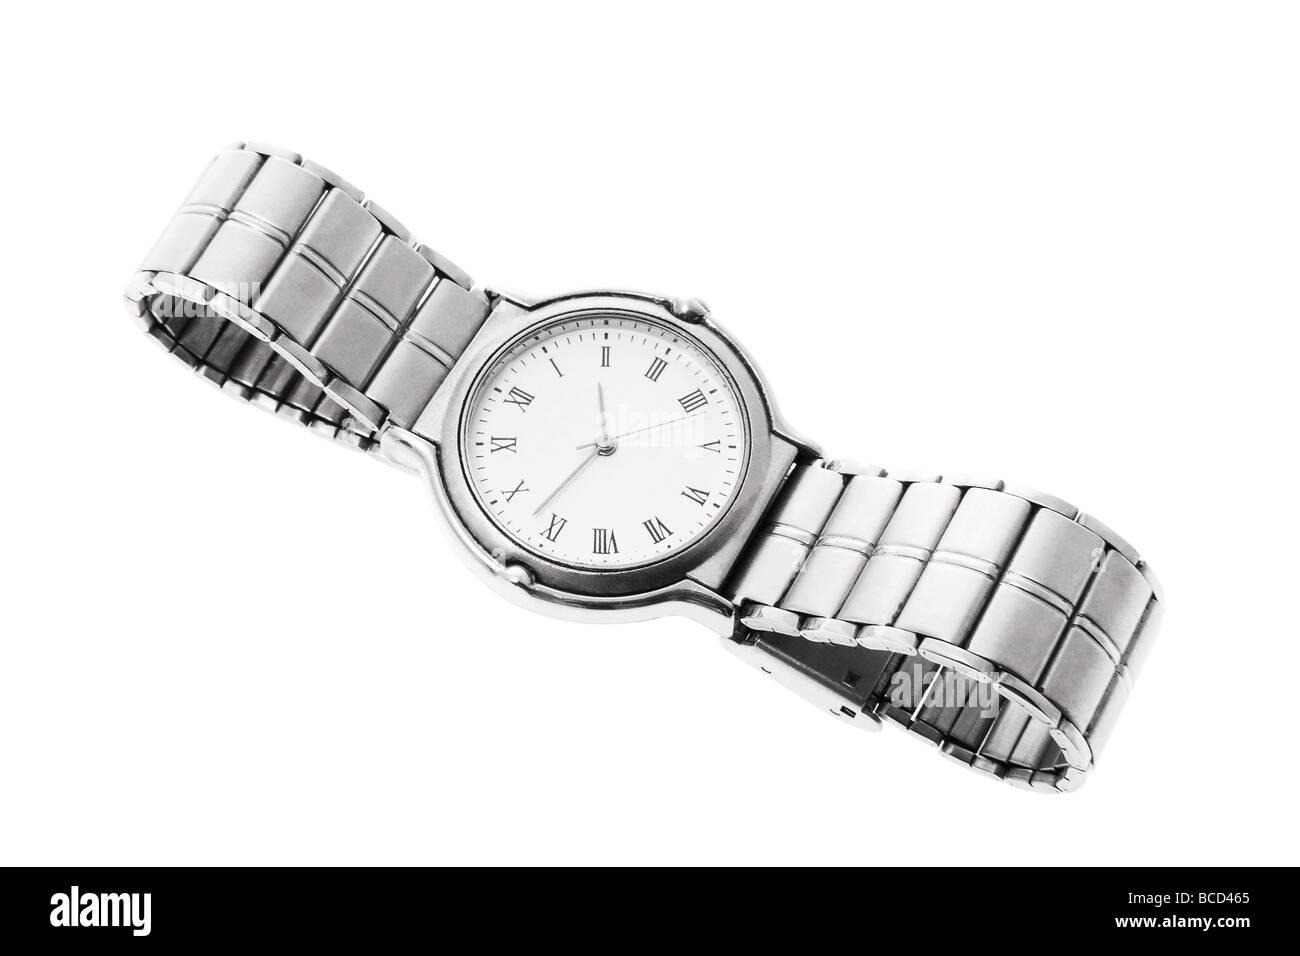 Wrist Watch - Stock Image